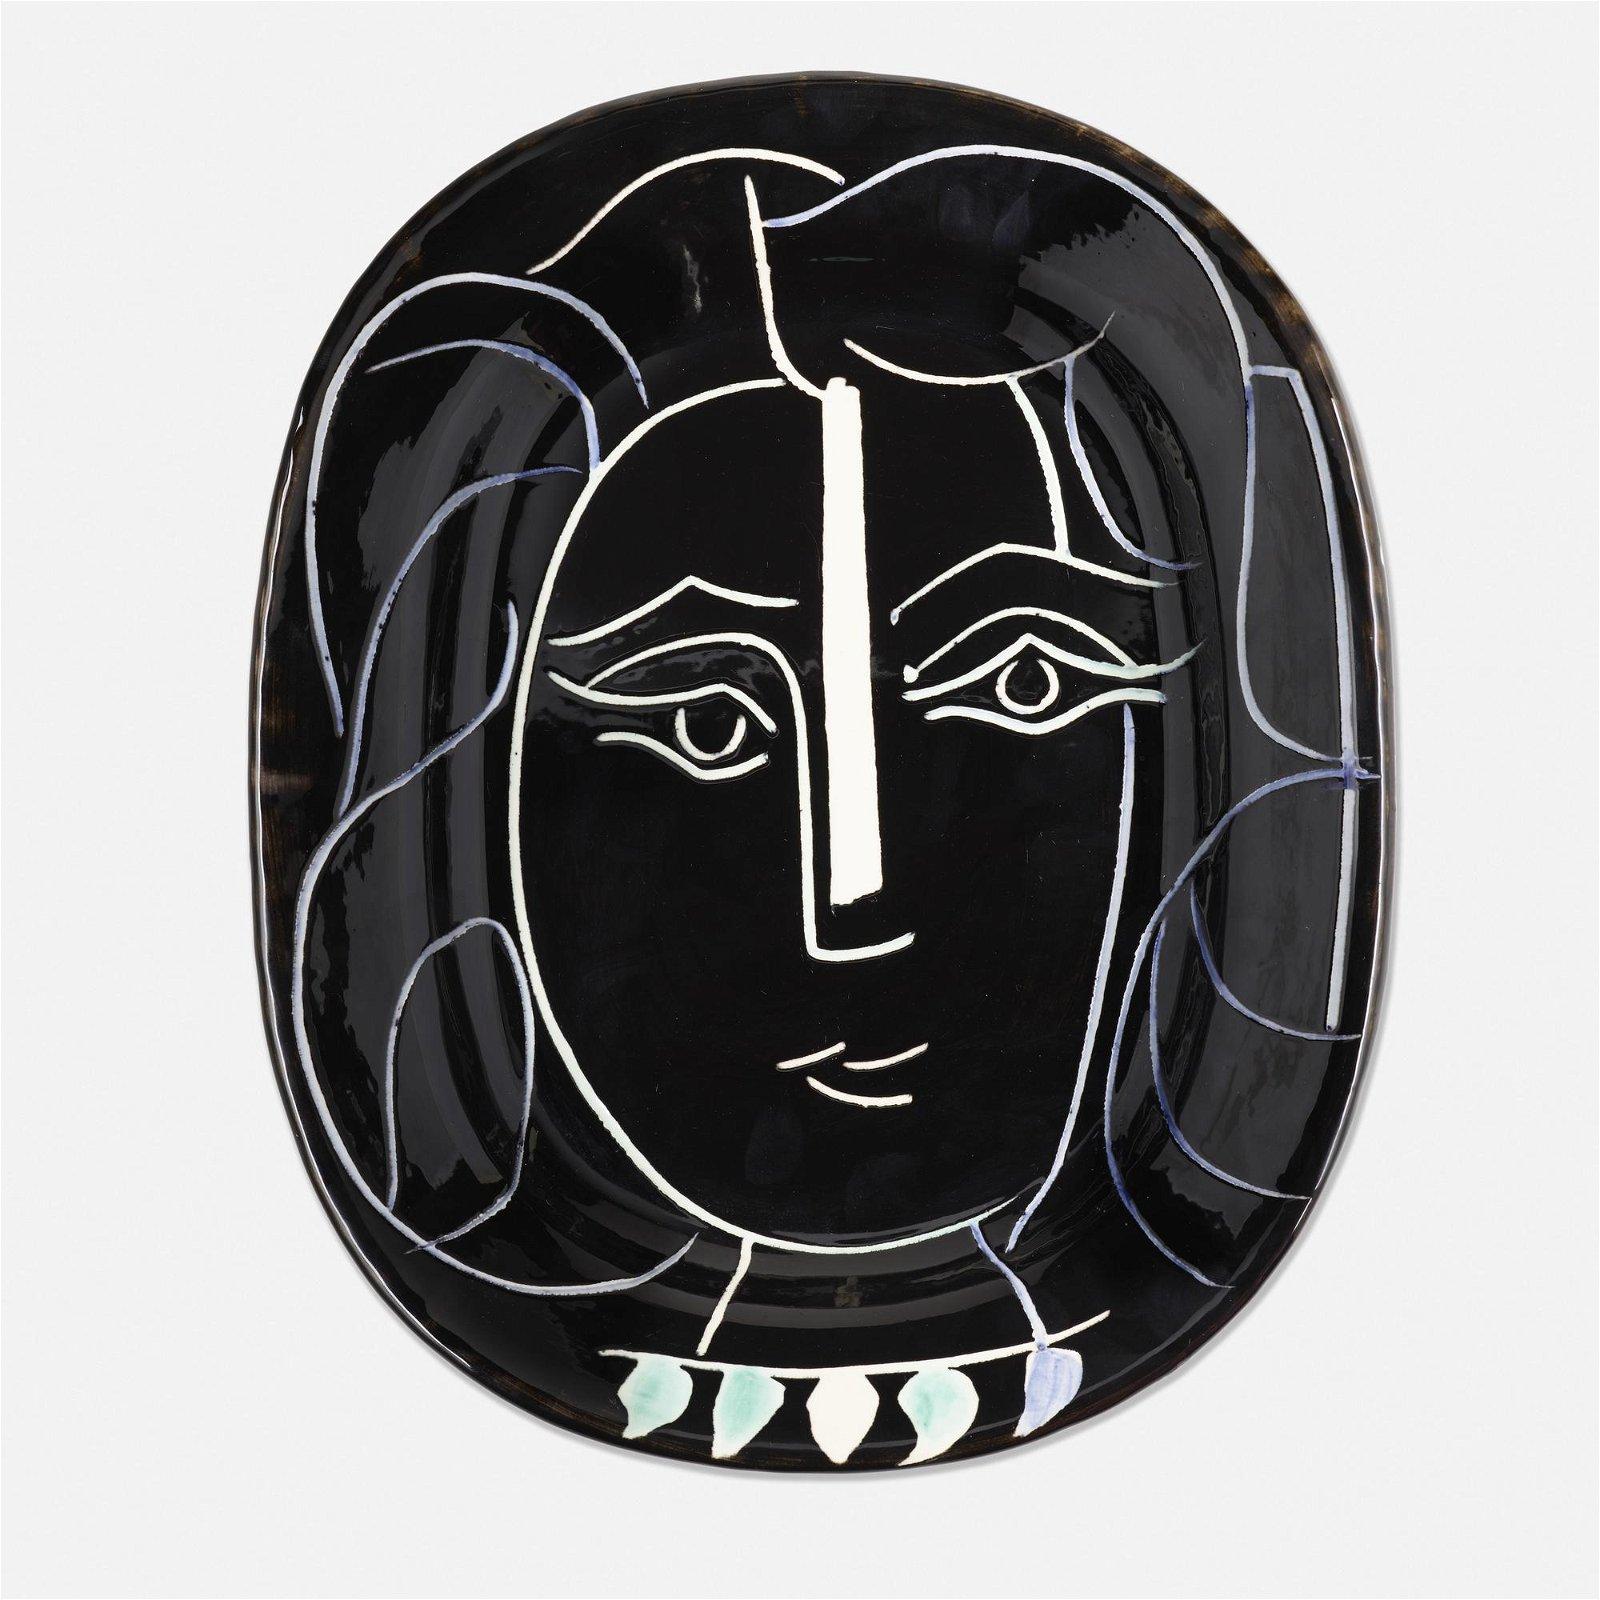 Pablo Picasso, Visage de Femme plate